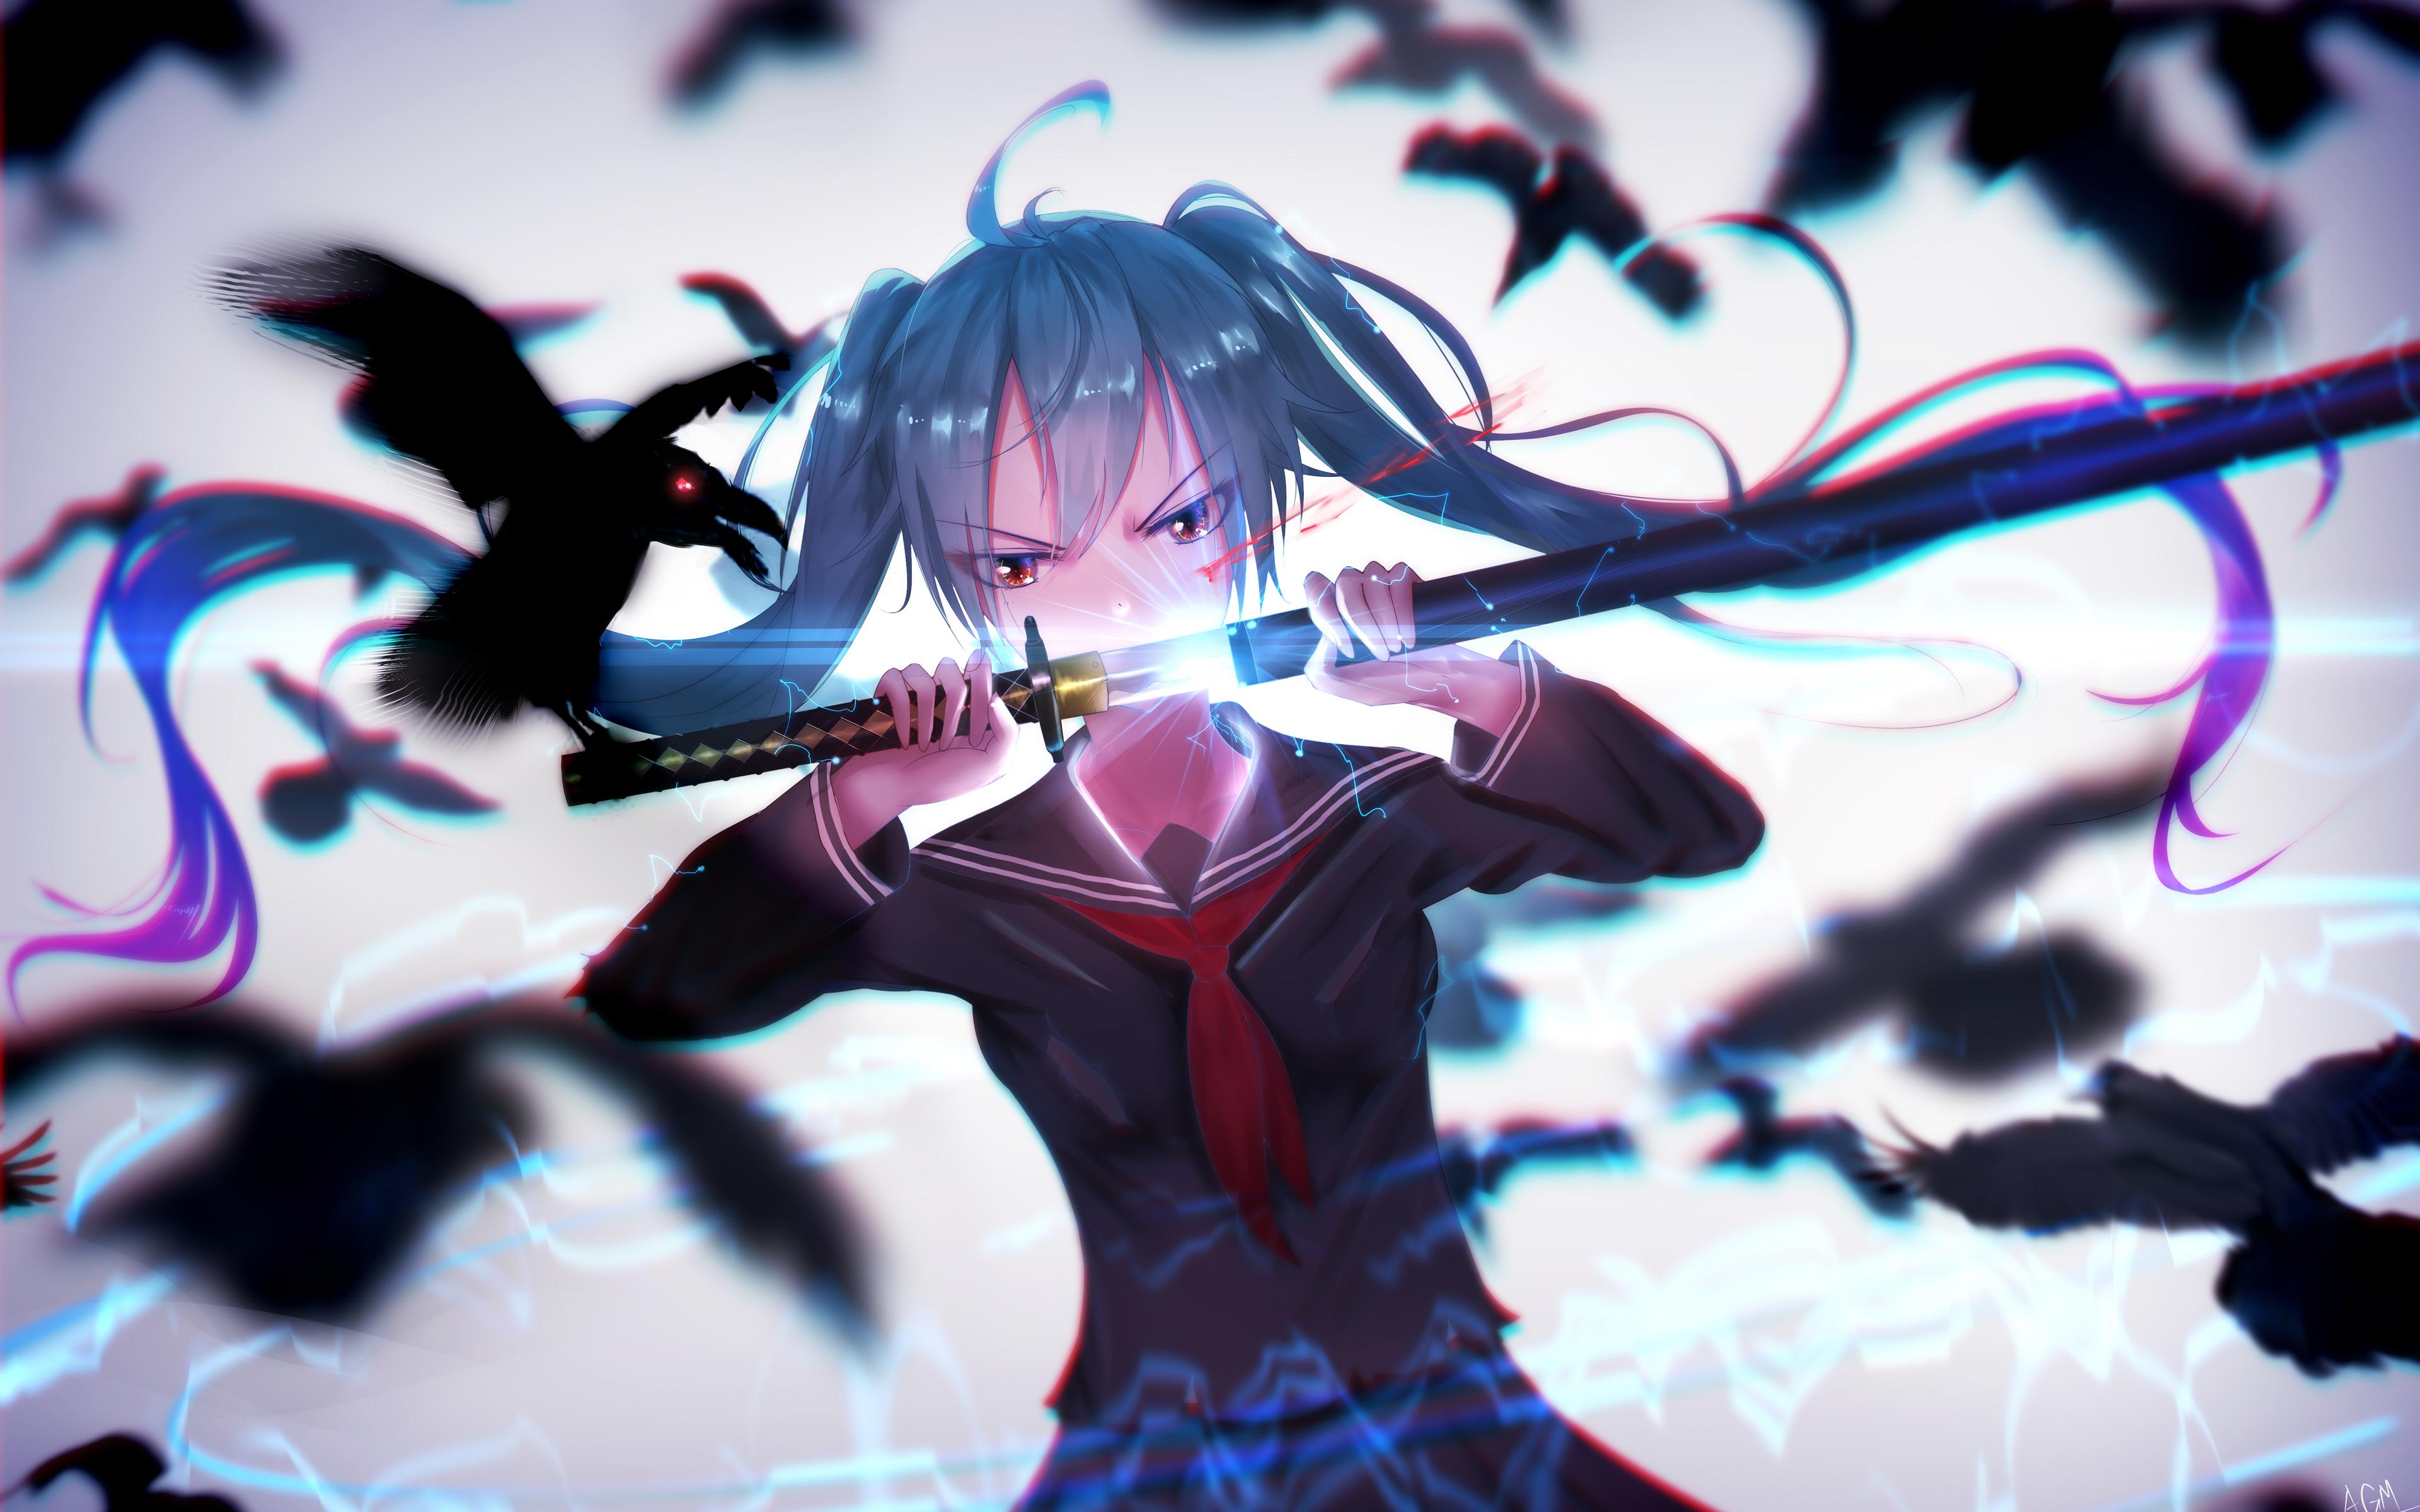 hatsune-miku-anime-5k-rv.jpg